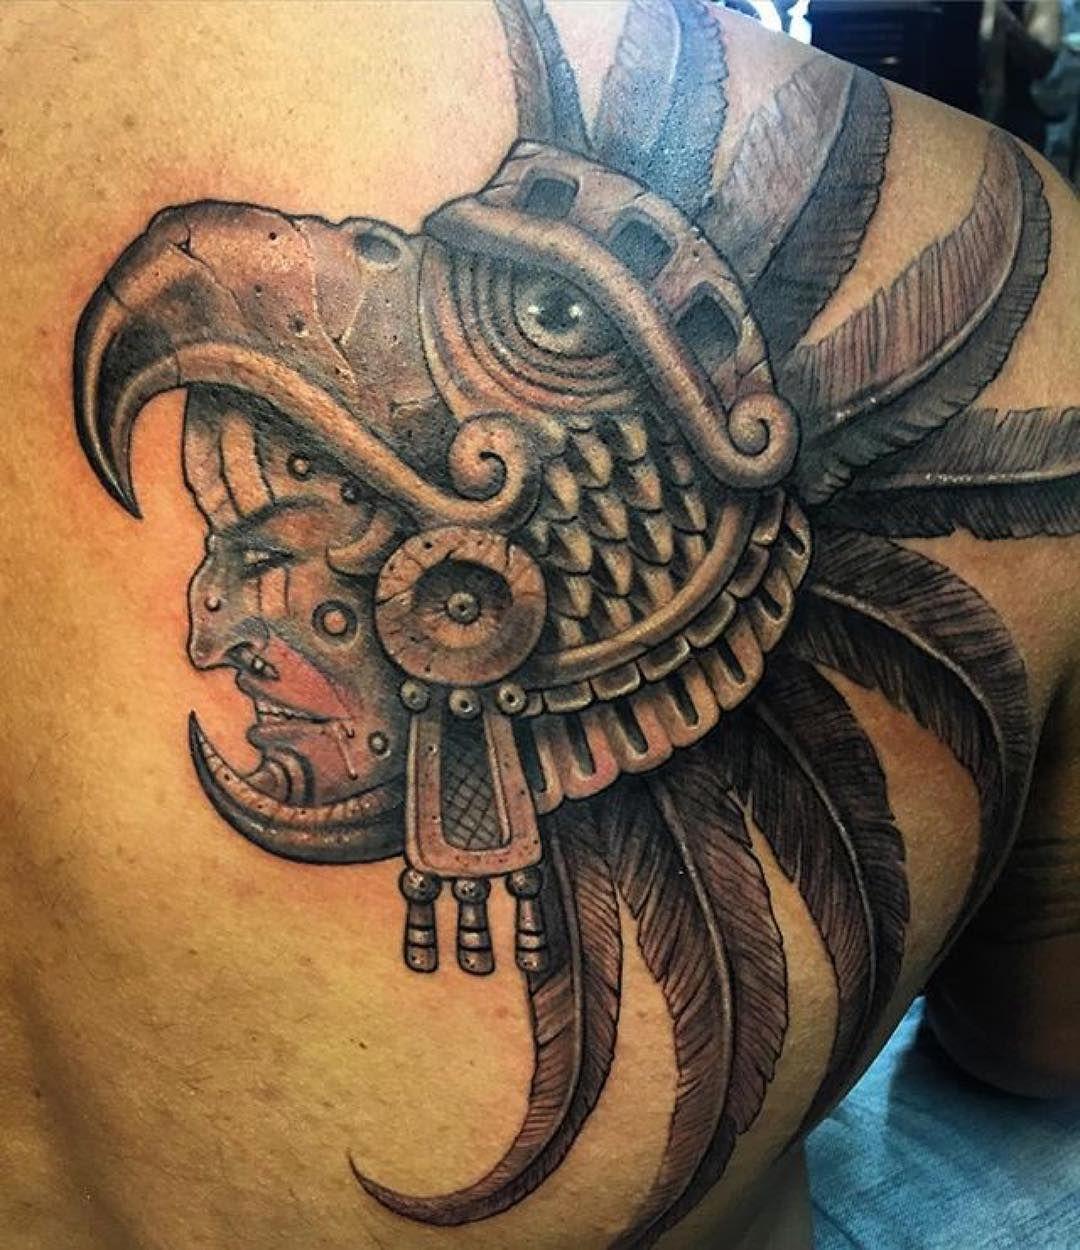 Pin By On Kop Aztec Tattoos Aztec Tattoo Designs Aztec Warrior Tattoo